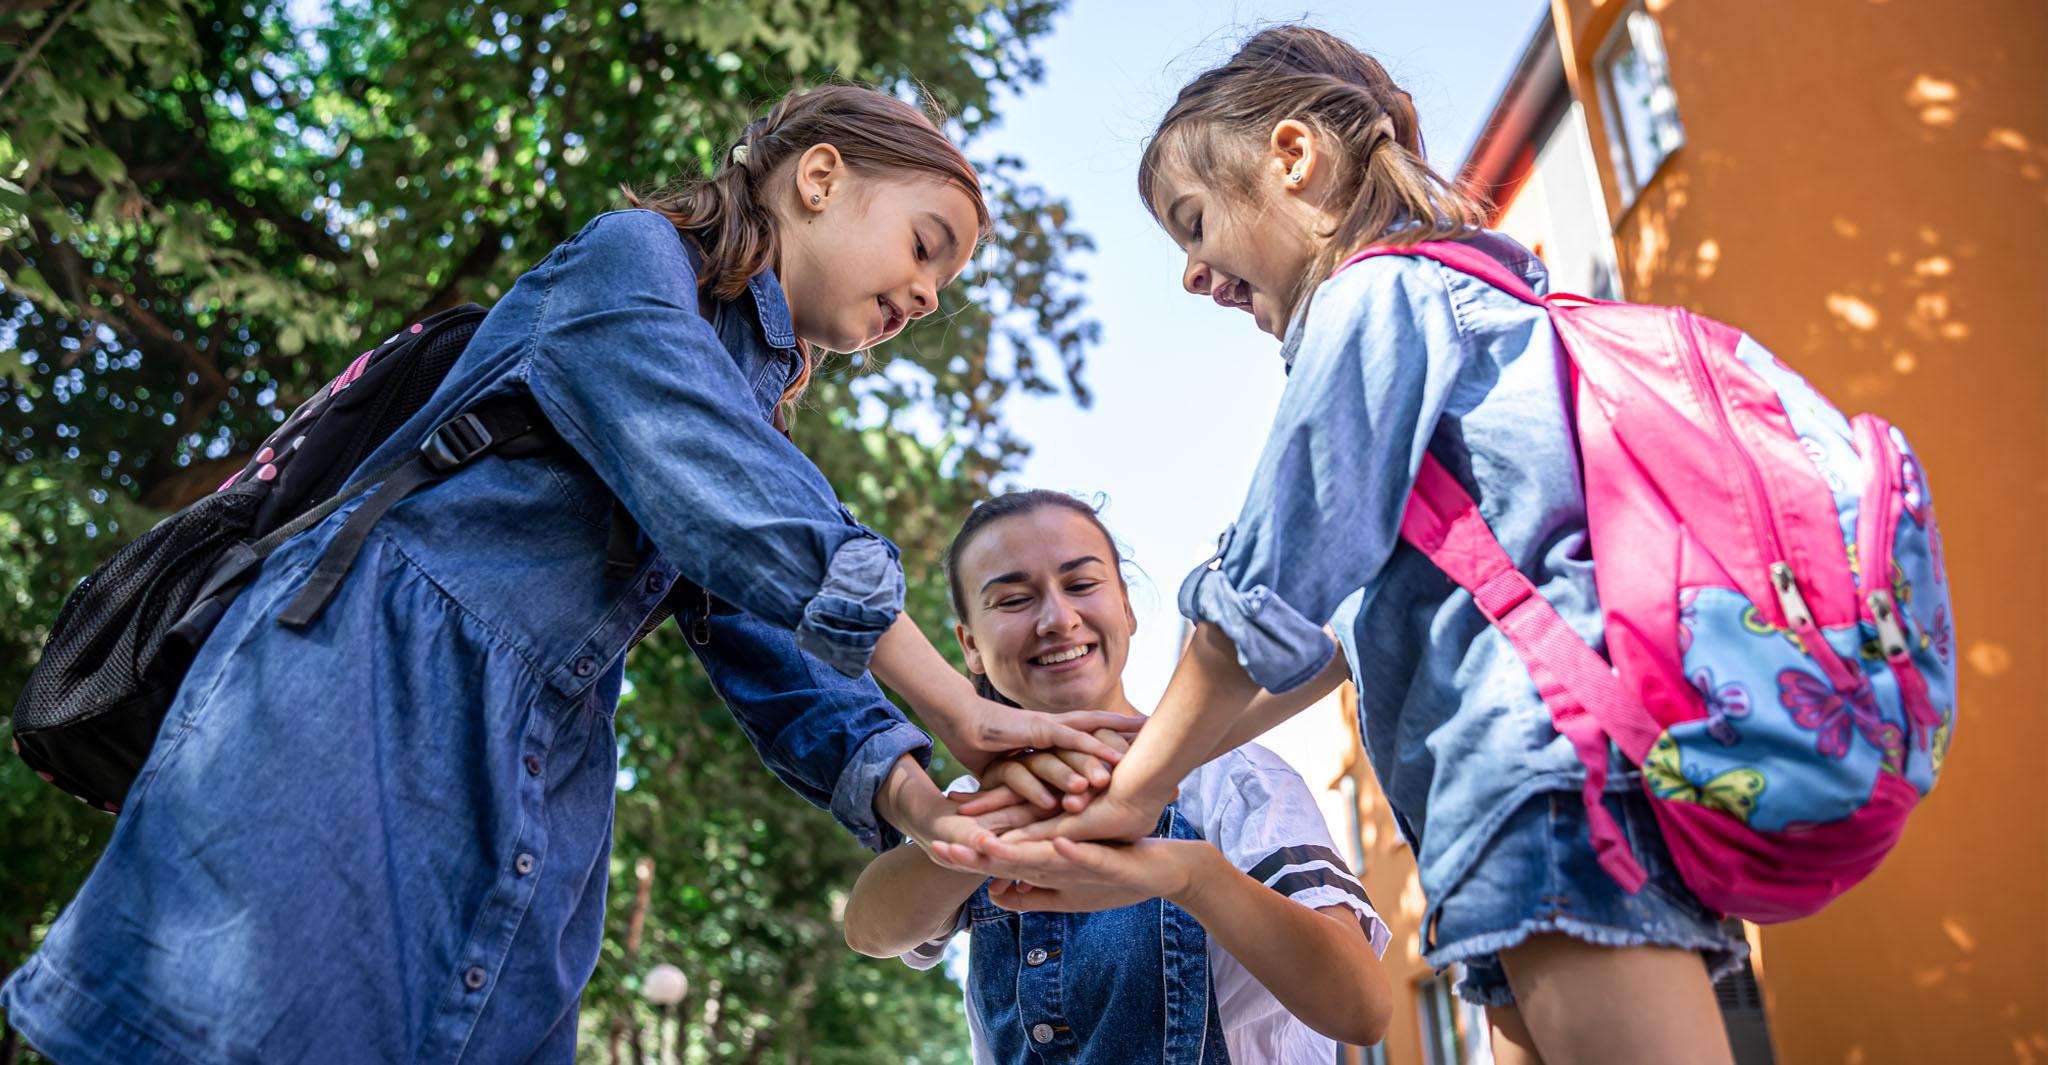 Come preparare i bimbi al primo giorno di scuola